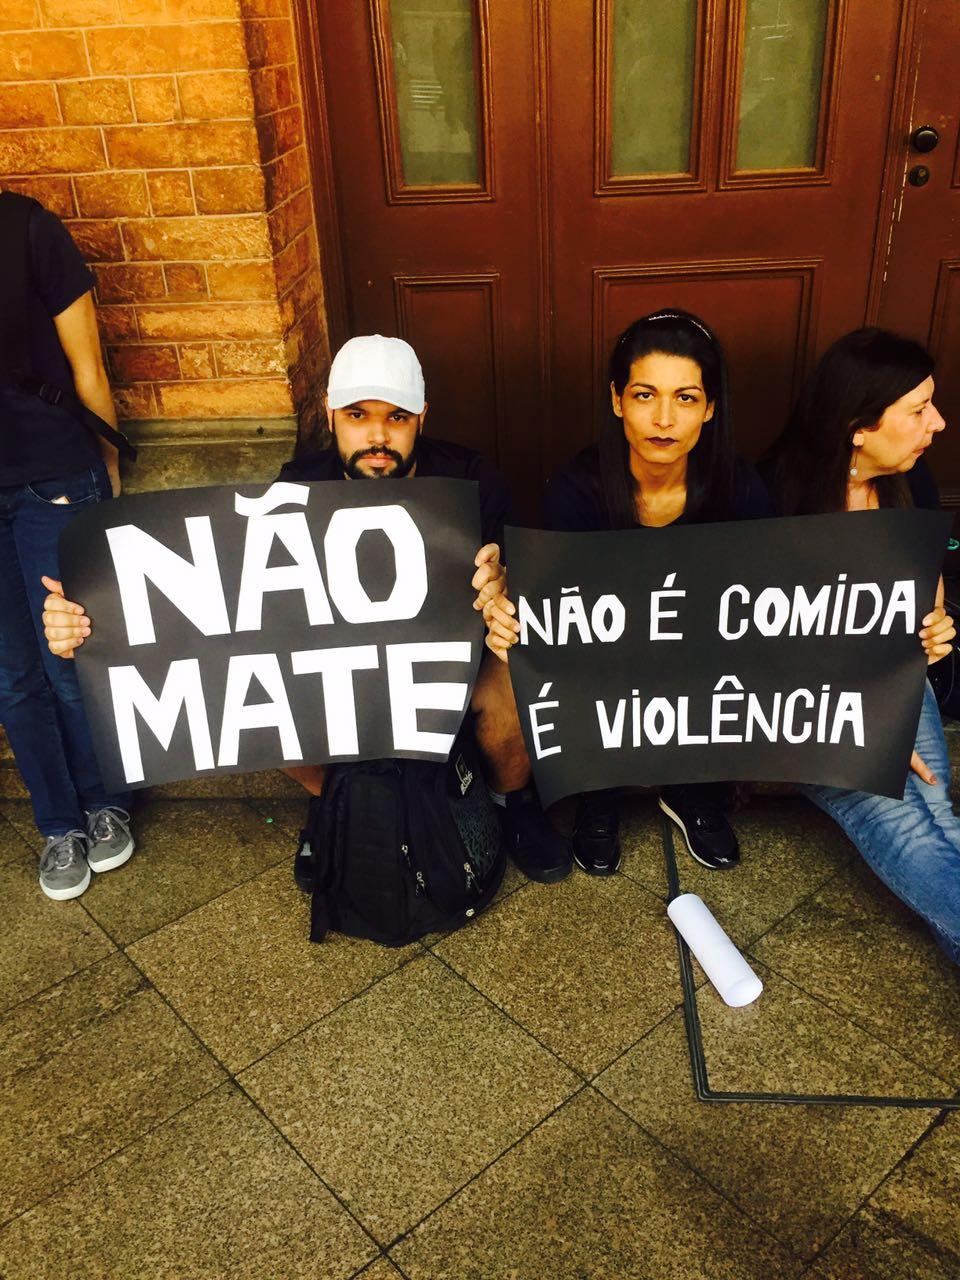 No último sábado (13/05/2017) O The Save Movement São Paulo realizou sua 1° vigília em abatedouros noBrasil.